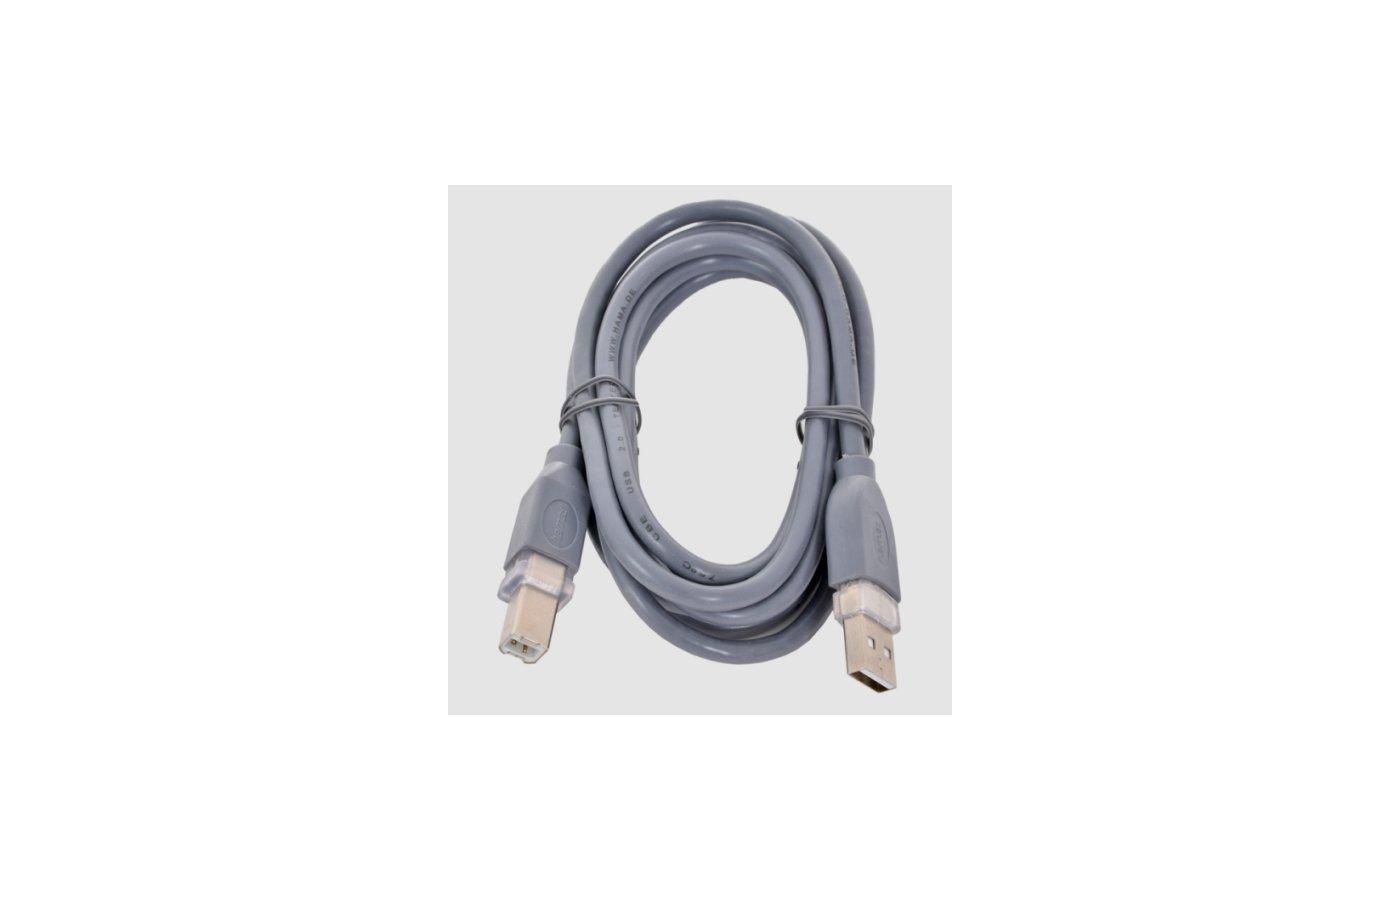 USB Кабель Hama H-45021 USB 2.0 A(m) - В(m) 1.8м 1зв серый